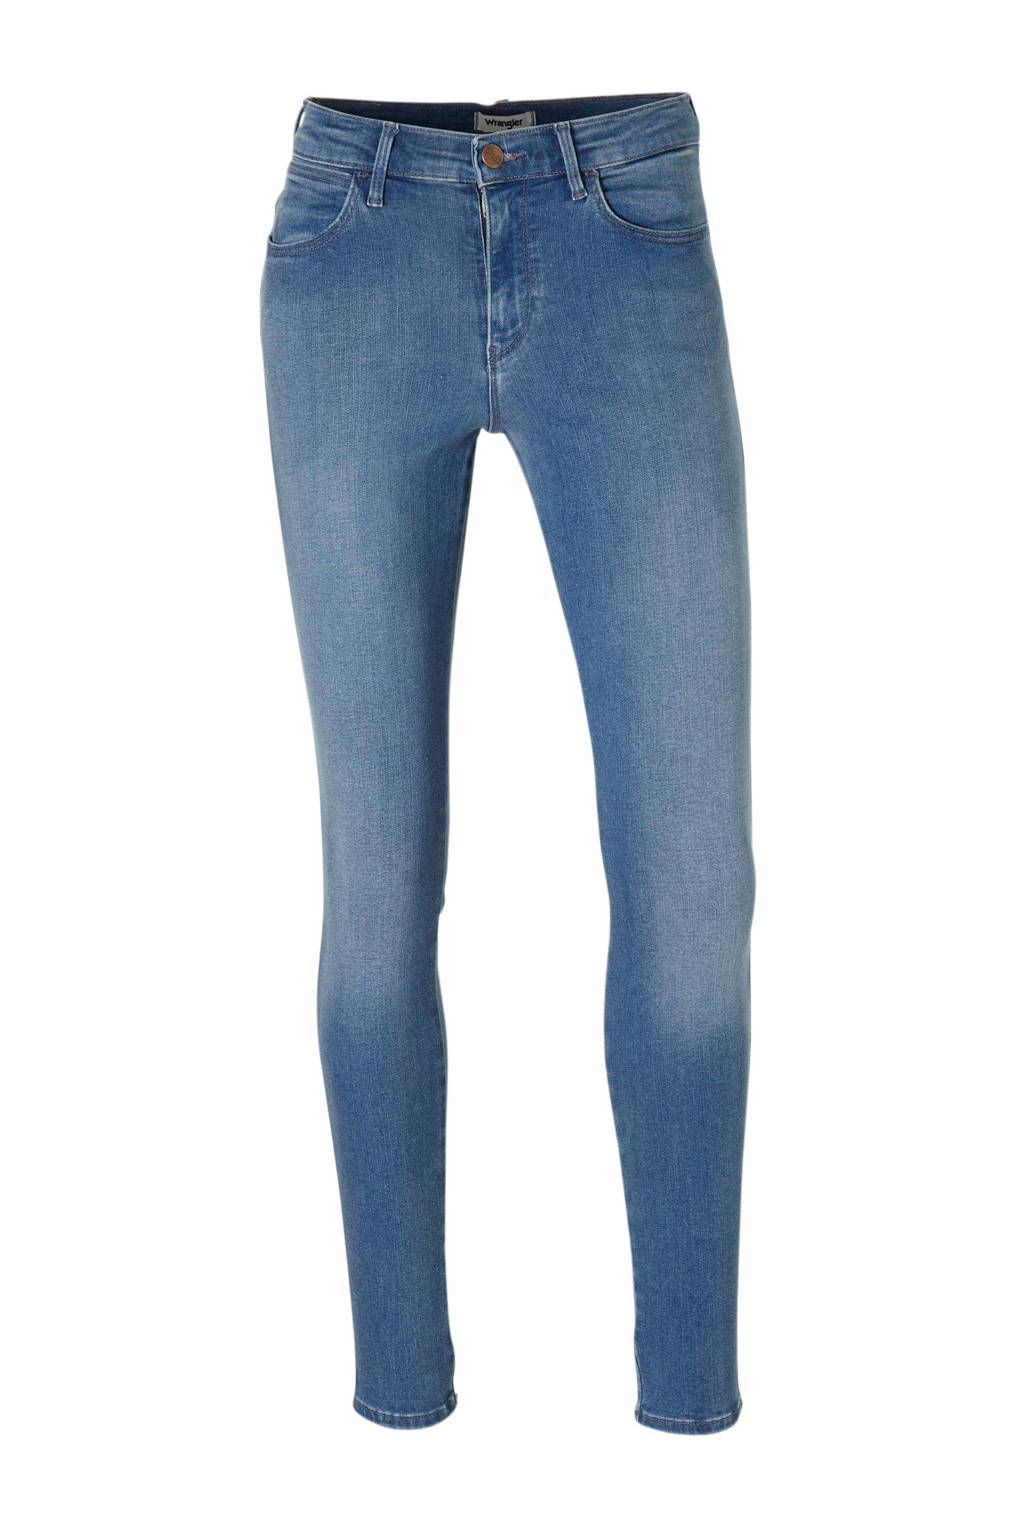 Wrangler high rise skinny jeans, Blauw denim